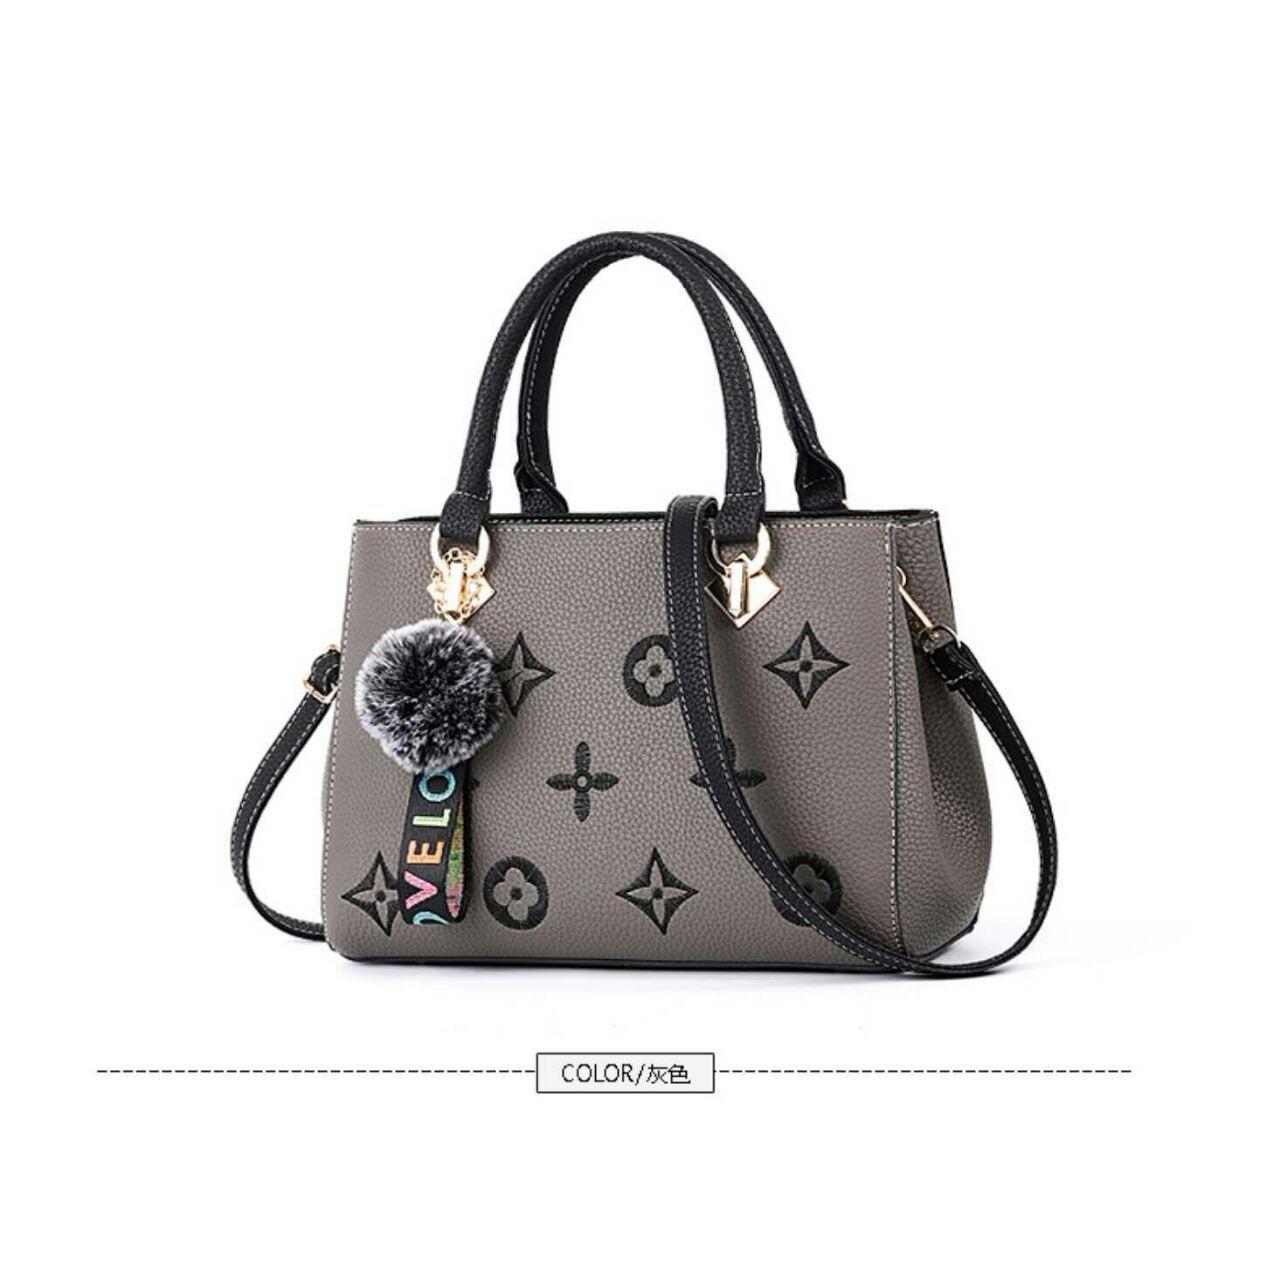 FASHION 1883 - Tas Fashion Wanita Bag Import Branded - Supplier Grosir Tas Bag Ransel Selempang Dompet Murah Terbaru Berkualitas